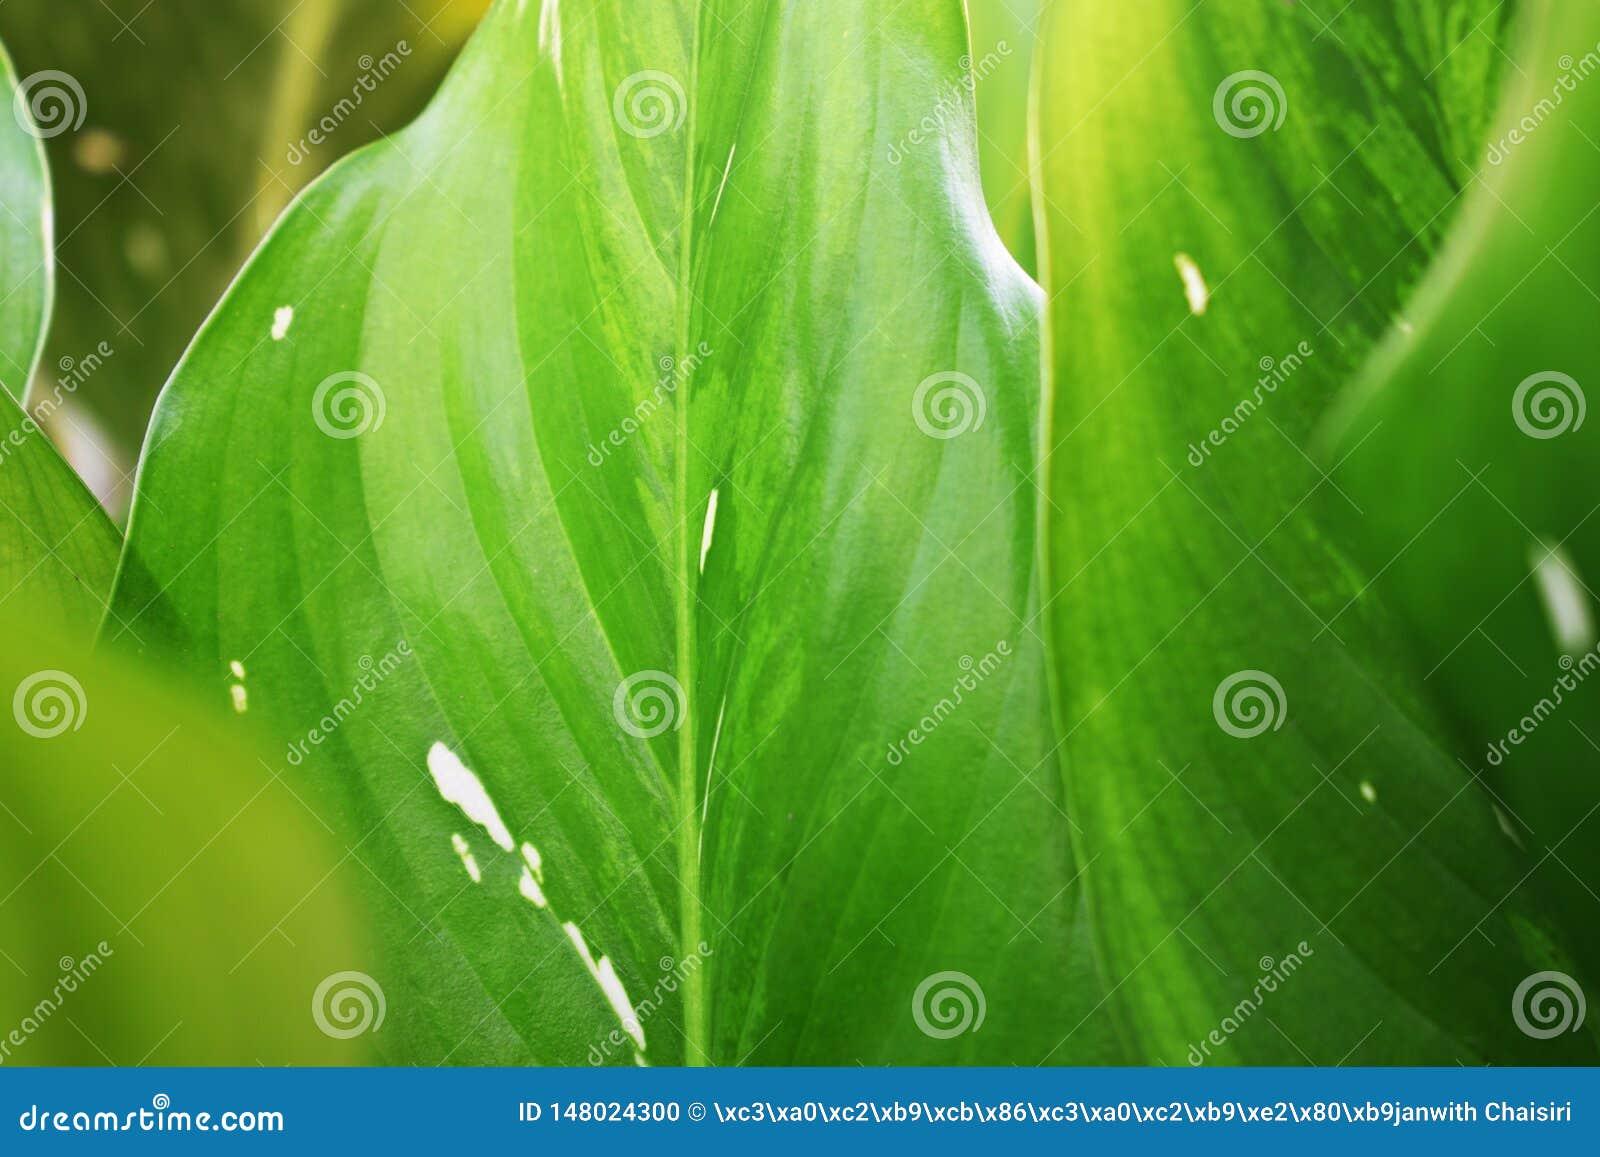 Kenmerken van bladeren, lichtgroen met vlekken dicht